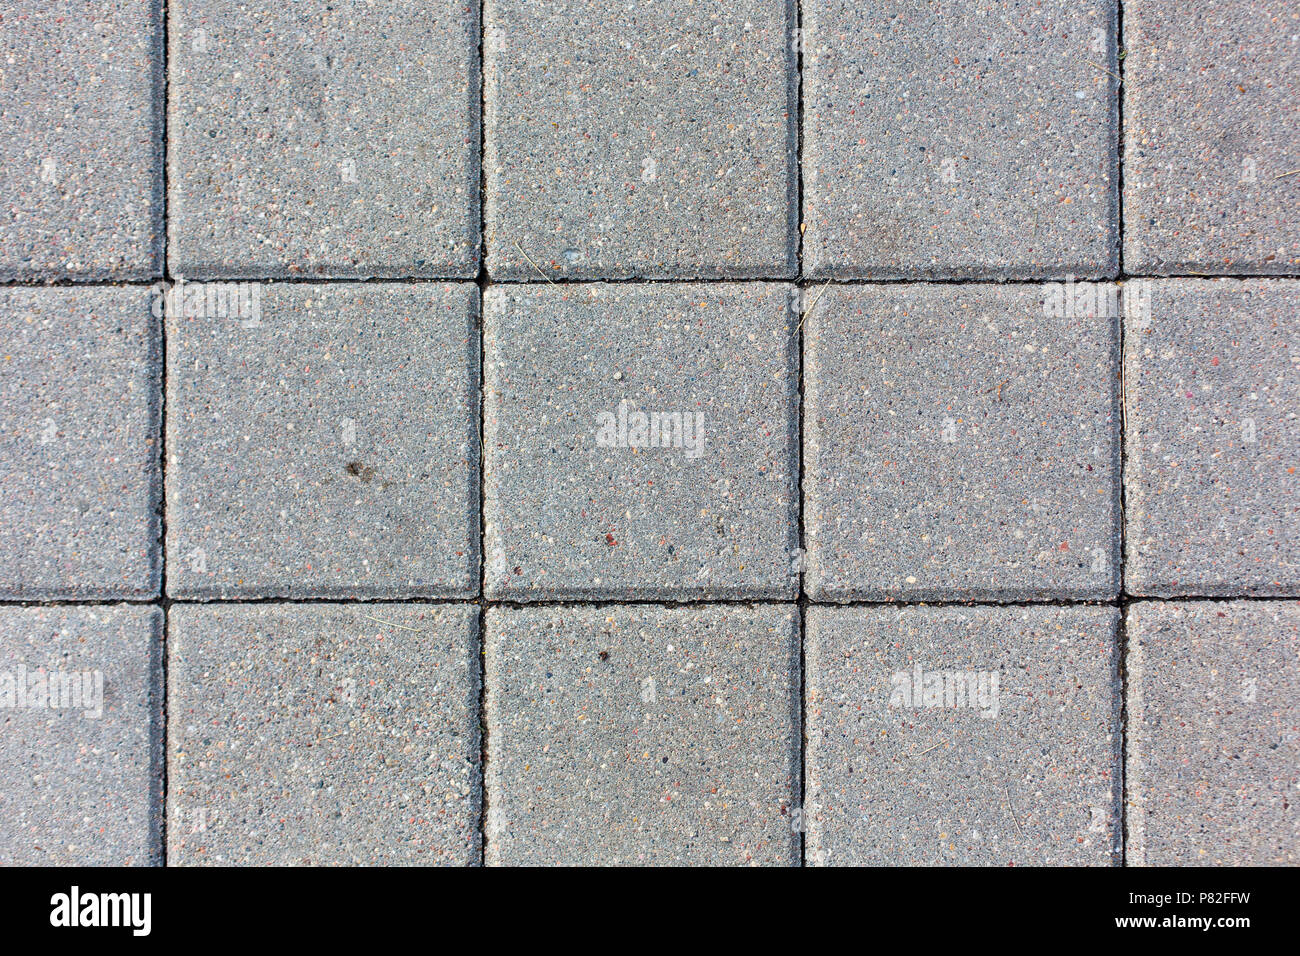 Konkrete quadratischen Fliesen Muster Textur Hintergrund Stockfoto ...